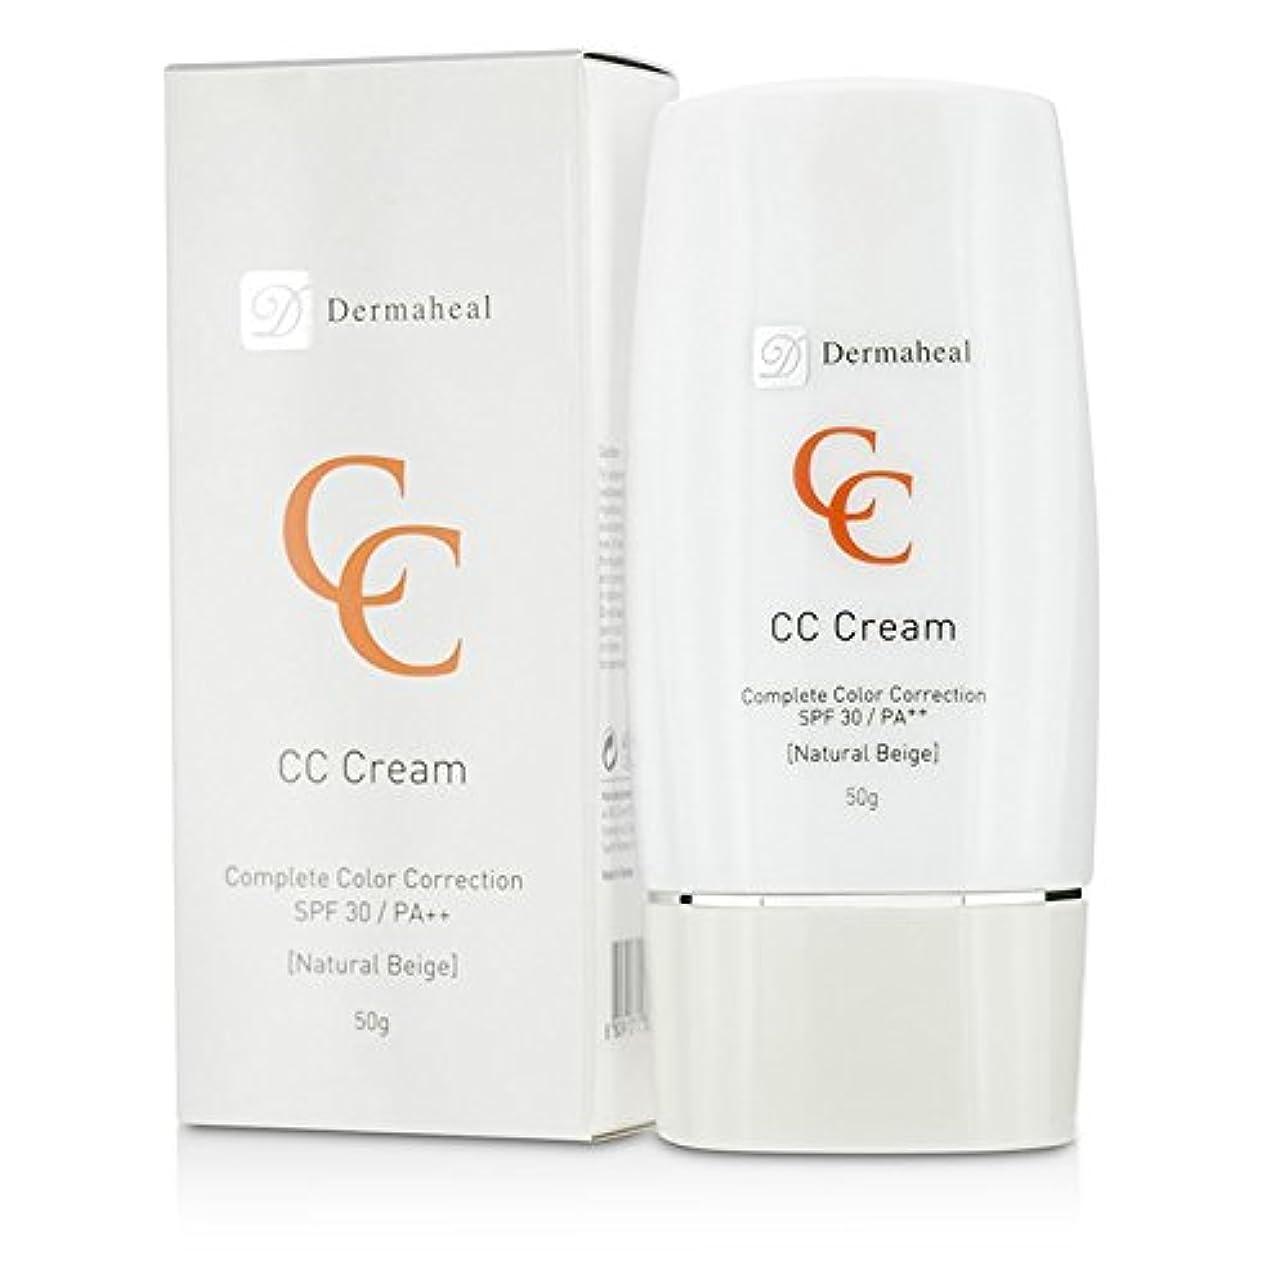 重なる服を着るグレーダーマヒール CC Cream SPF30 - Natural Beige 50g/1.7oz並行輸入品